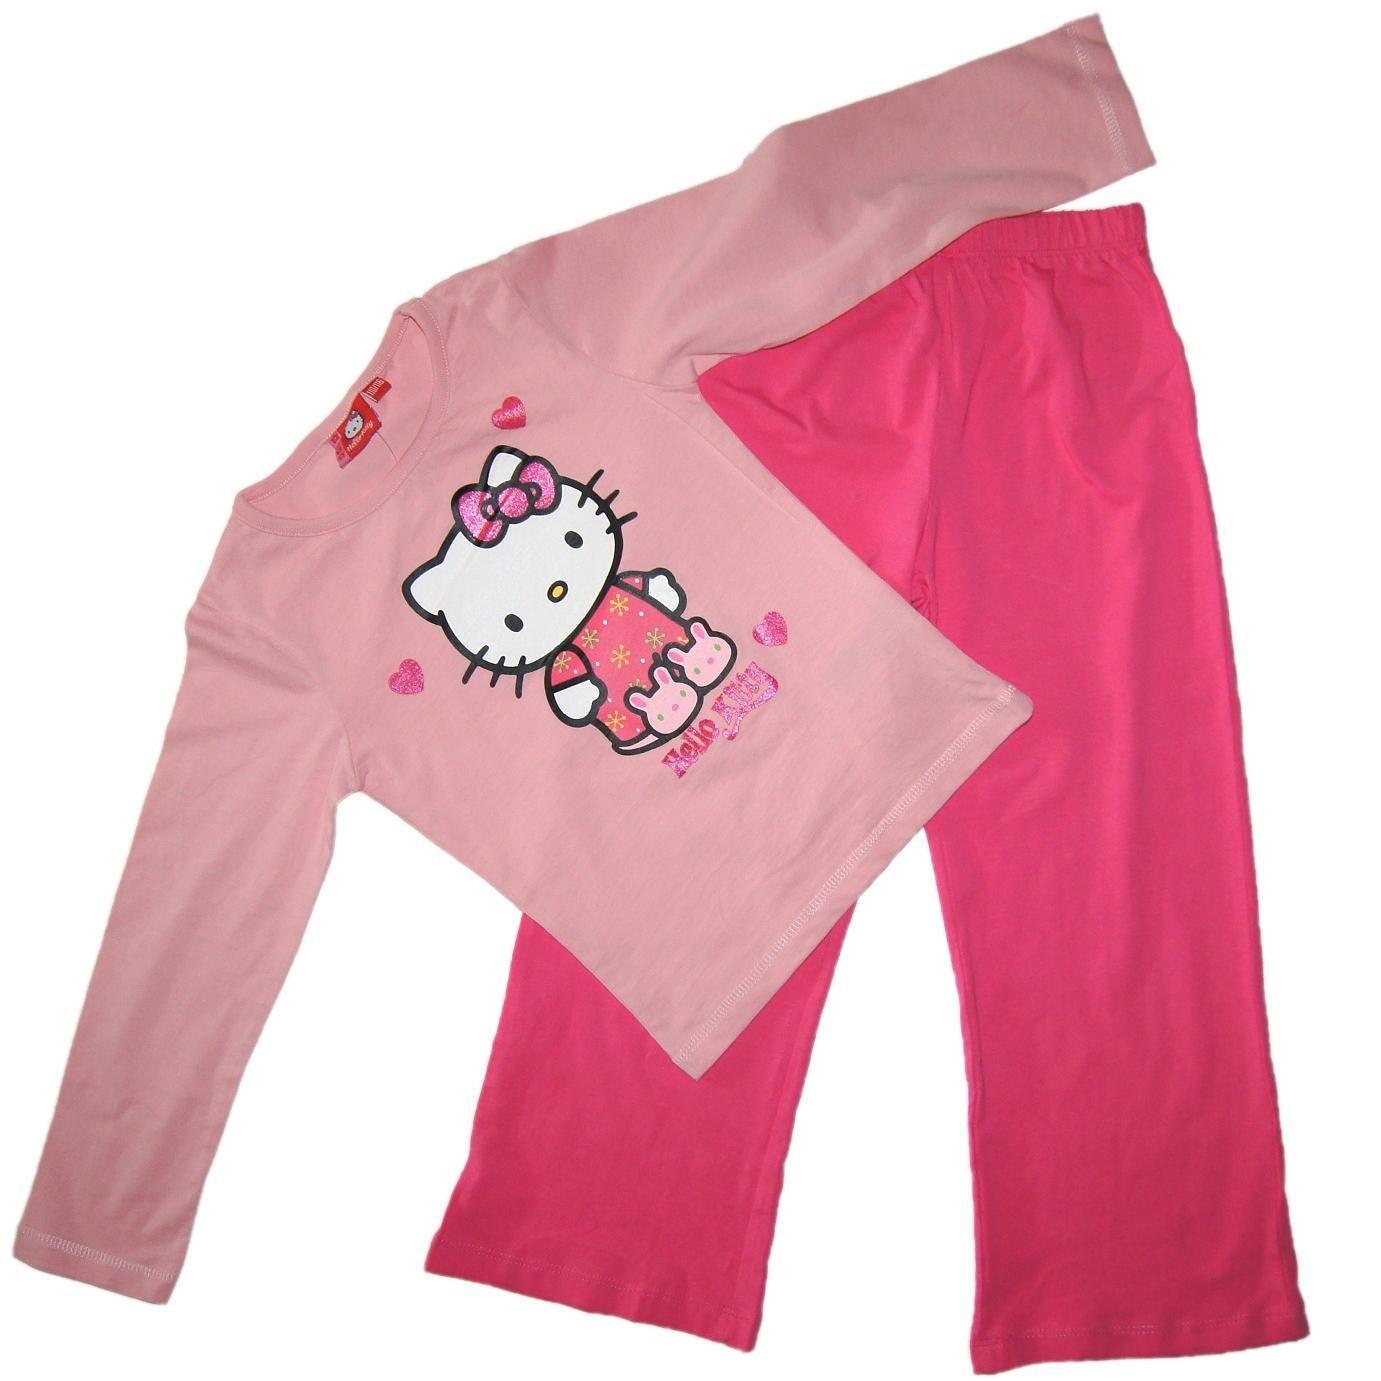 NEU Kinder Bio-Schlafanzug Pyjama HELLO KITTY, hergestellt mit 100 % Baumwolle aus biologischem Anbau, Größe nach Körperlänge in cm:122/128